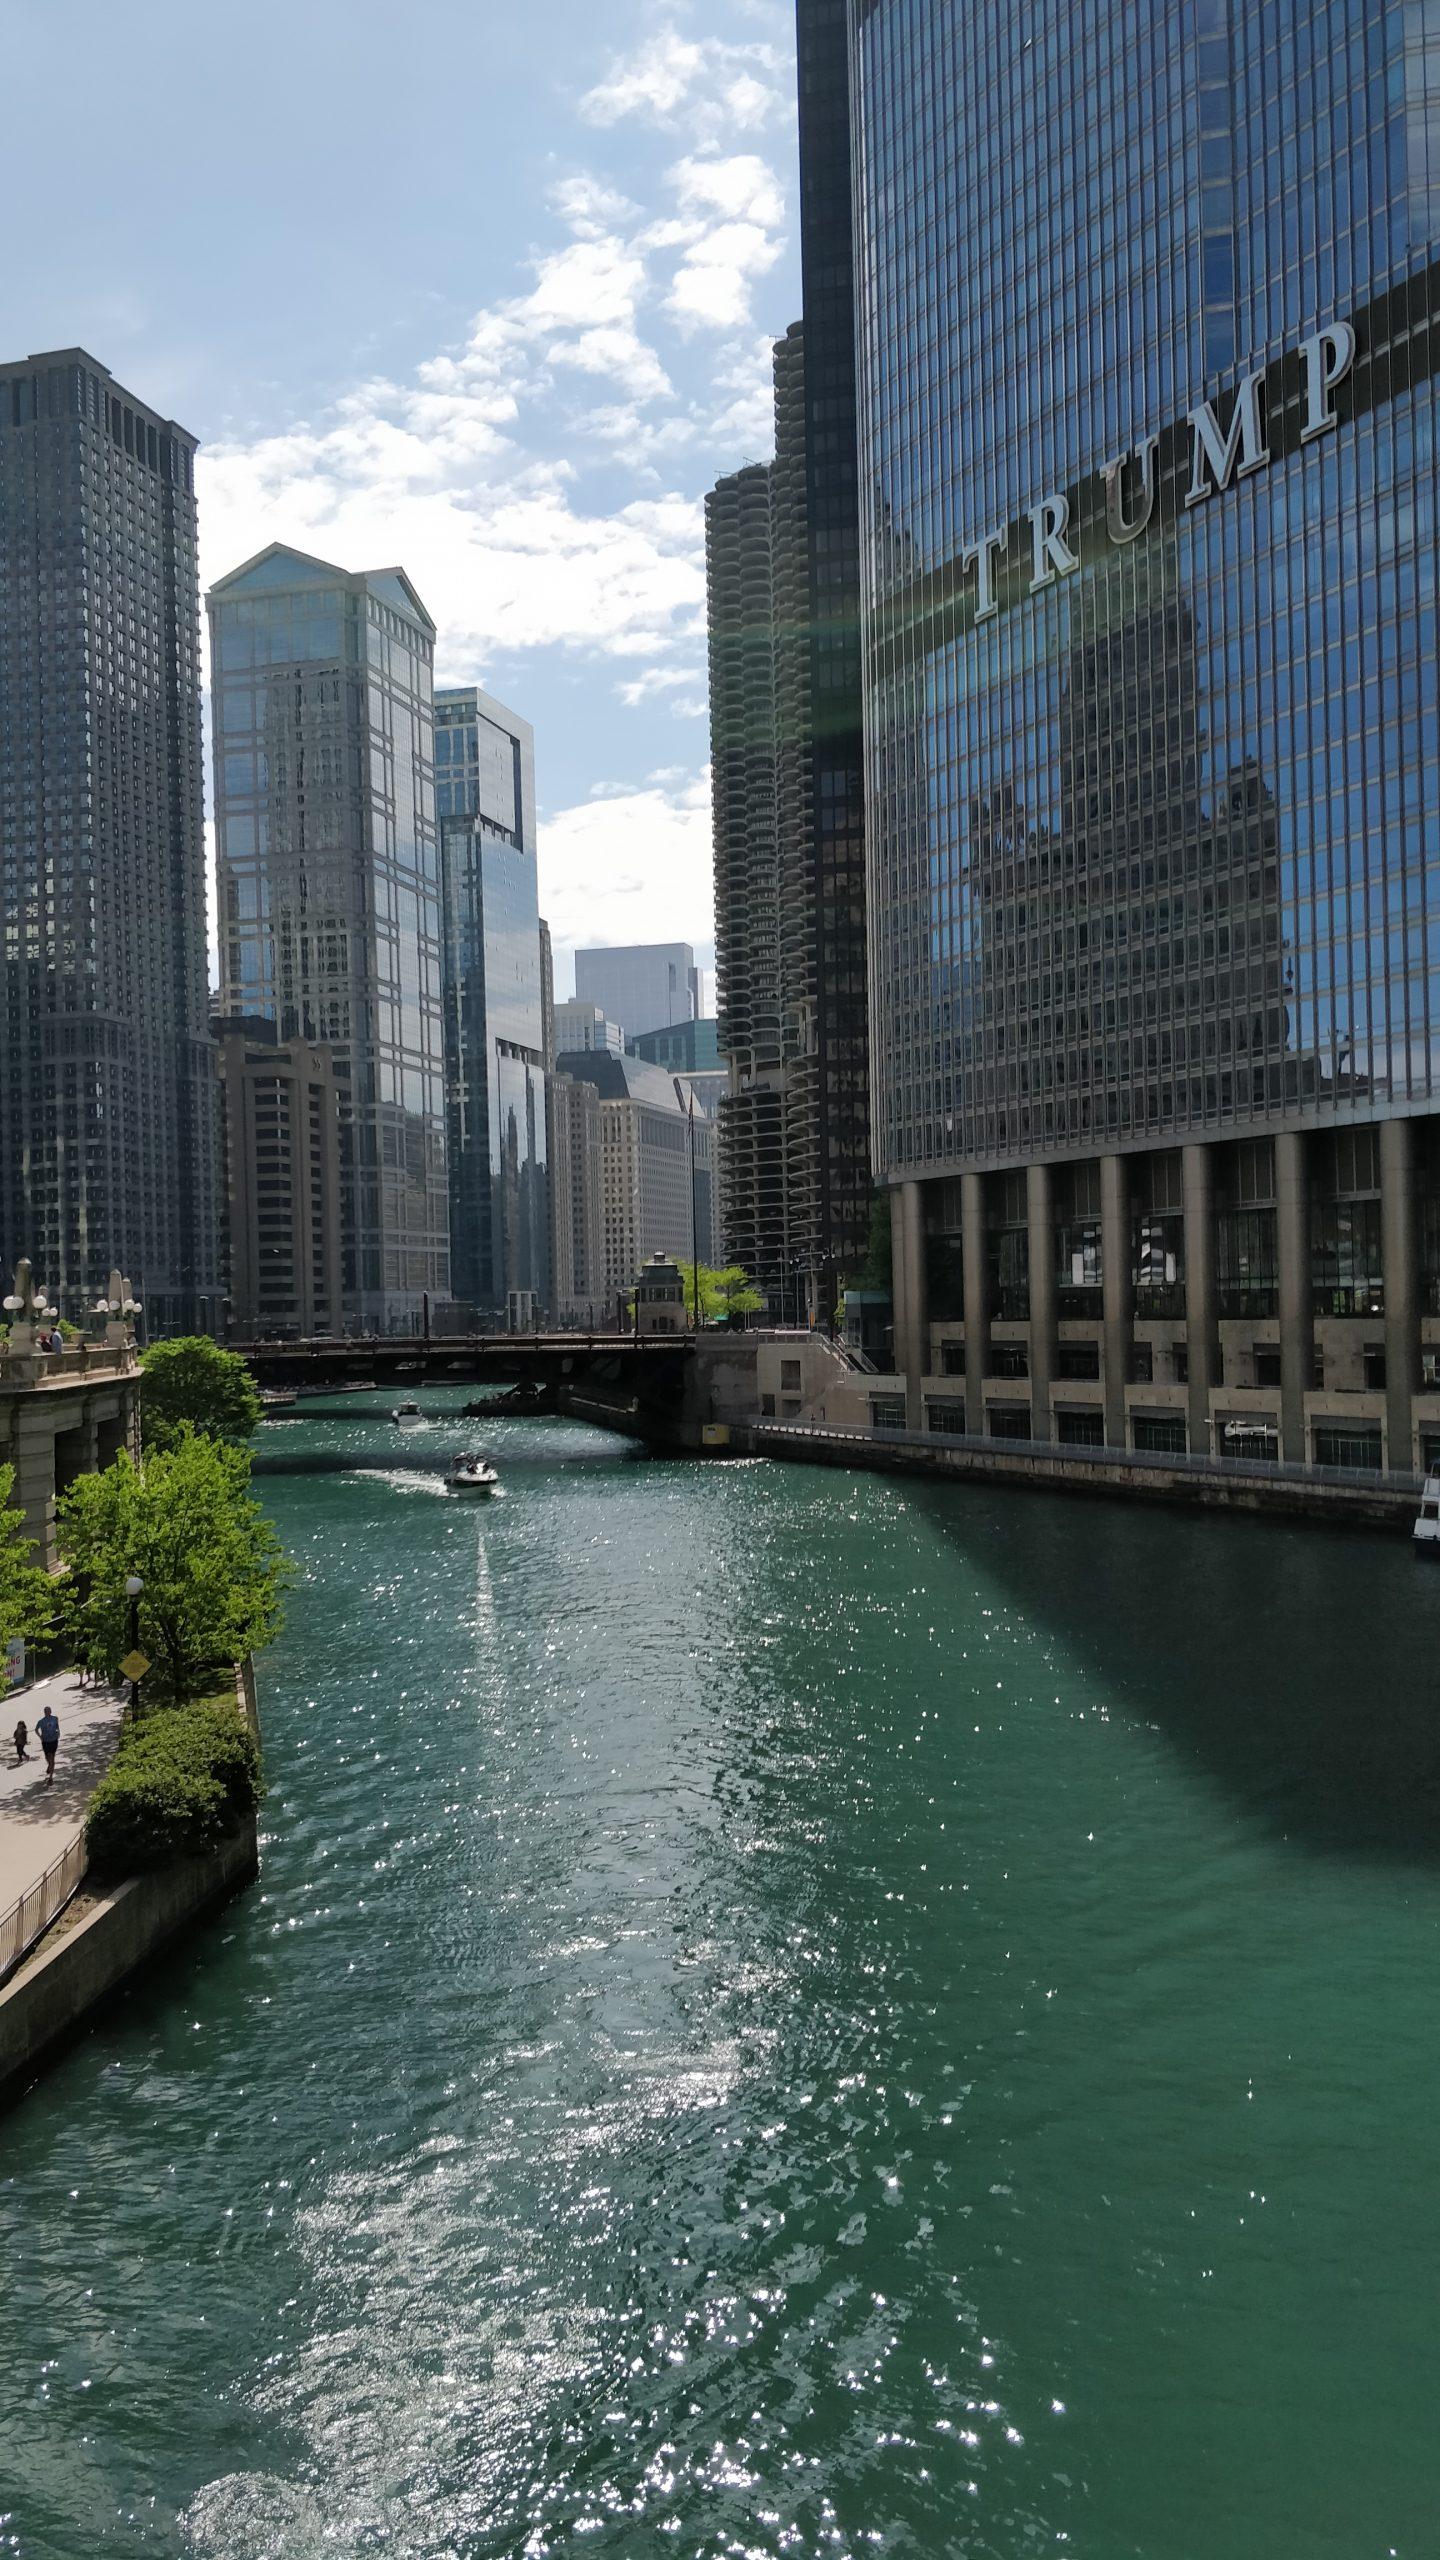 Chicago Riverwalk views